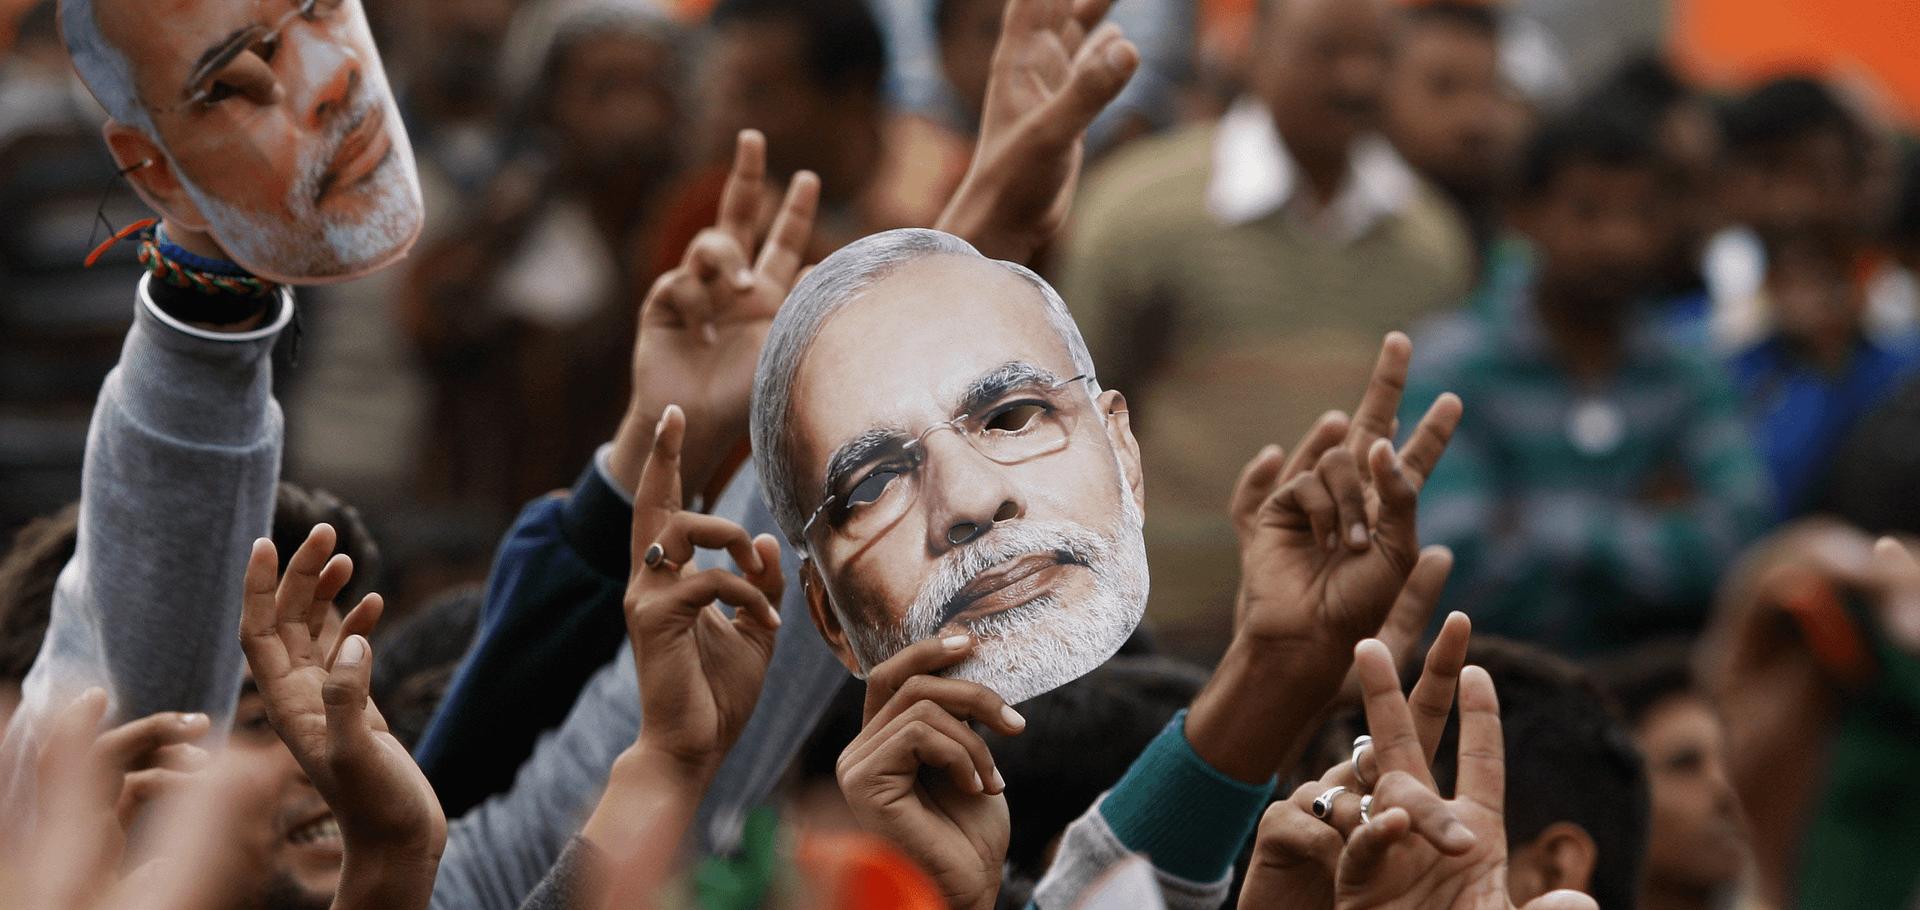 Modi supporters in India